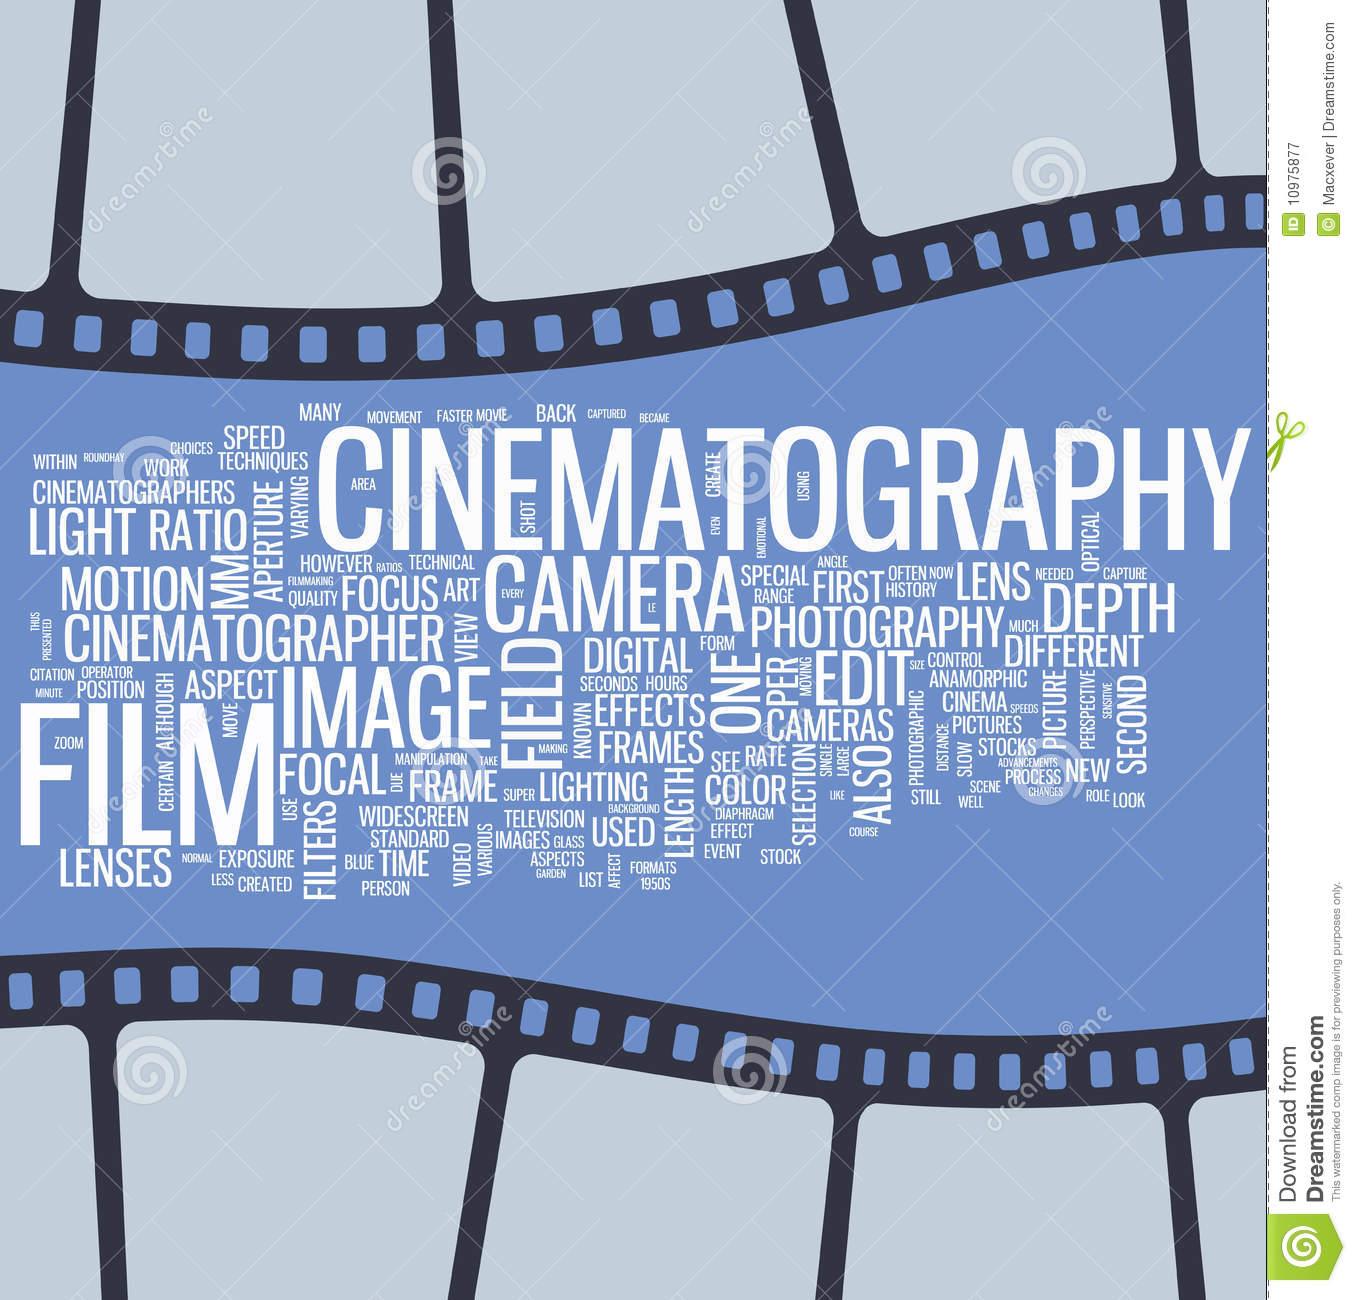 cinema-poster-.jpg